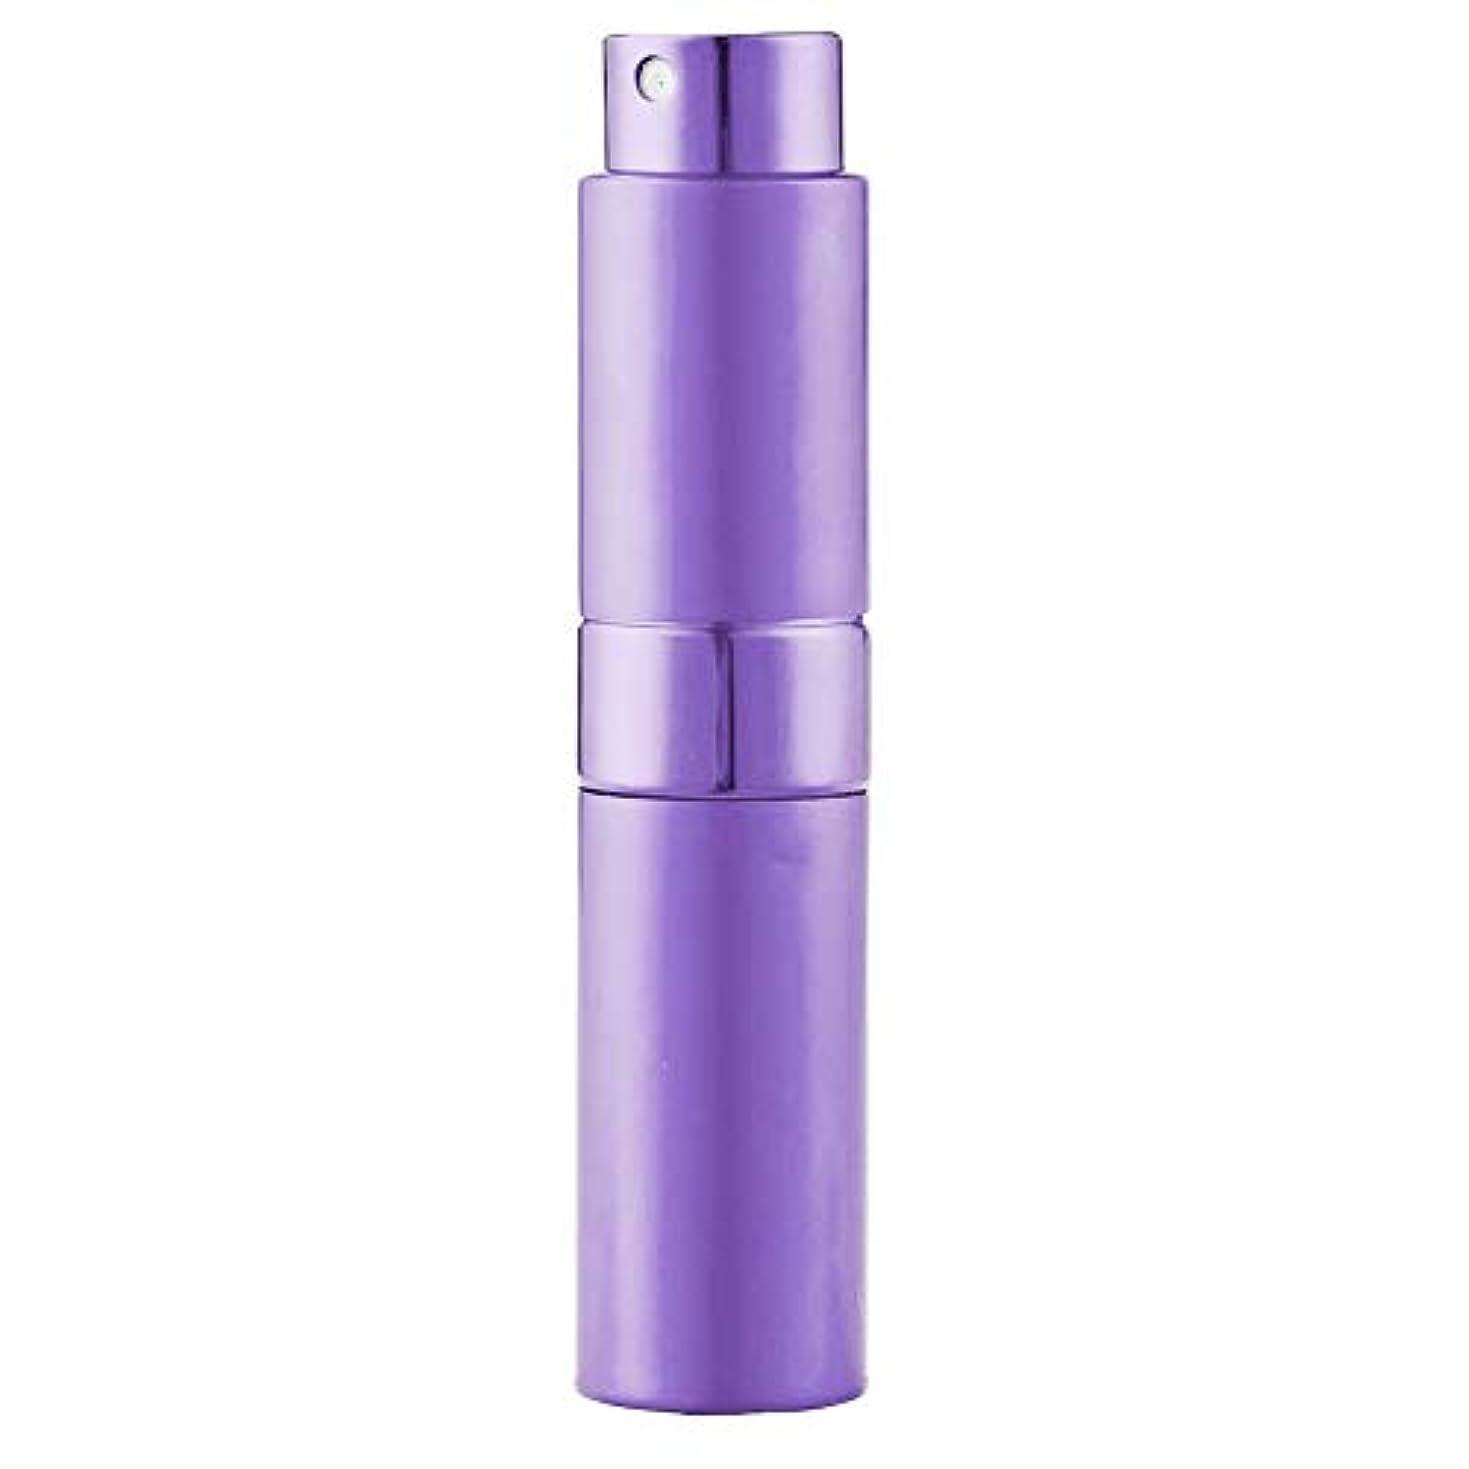 ジャングルぺディカブ不規則性Ladygogo 香水アトマイザーセット 回転プッシュ式 スプレー ボトル 香水スプレー 詰め替え 持ち運び 身だしなみ 携帯用 男女兼用 (紫)